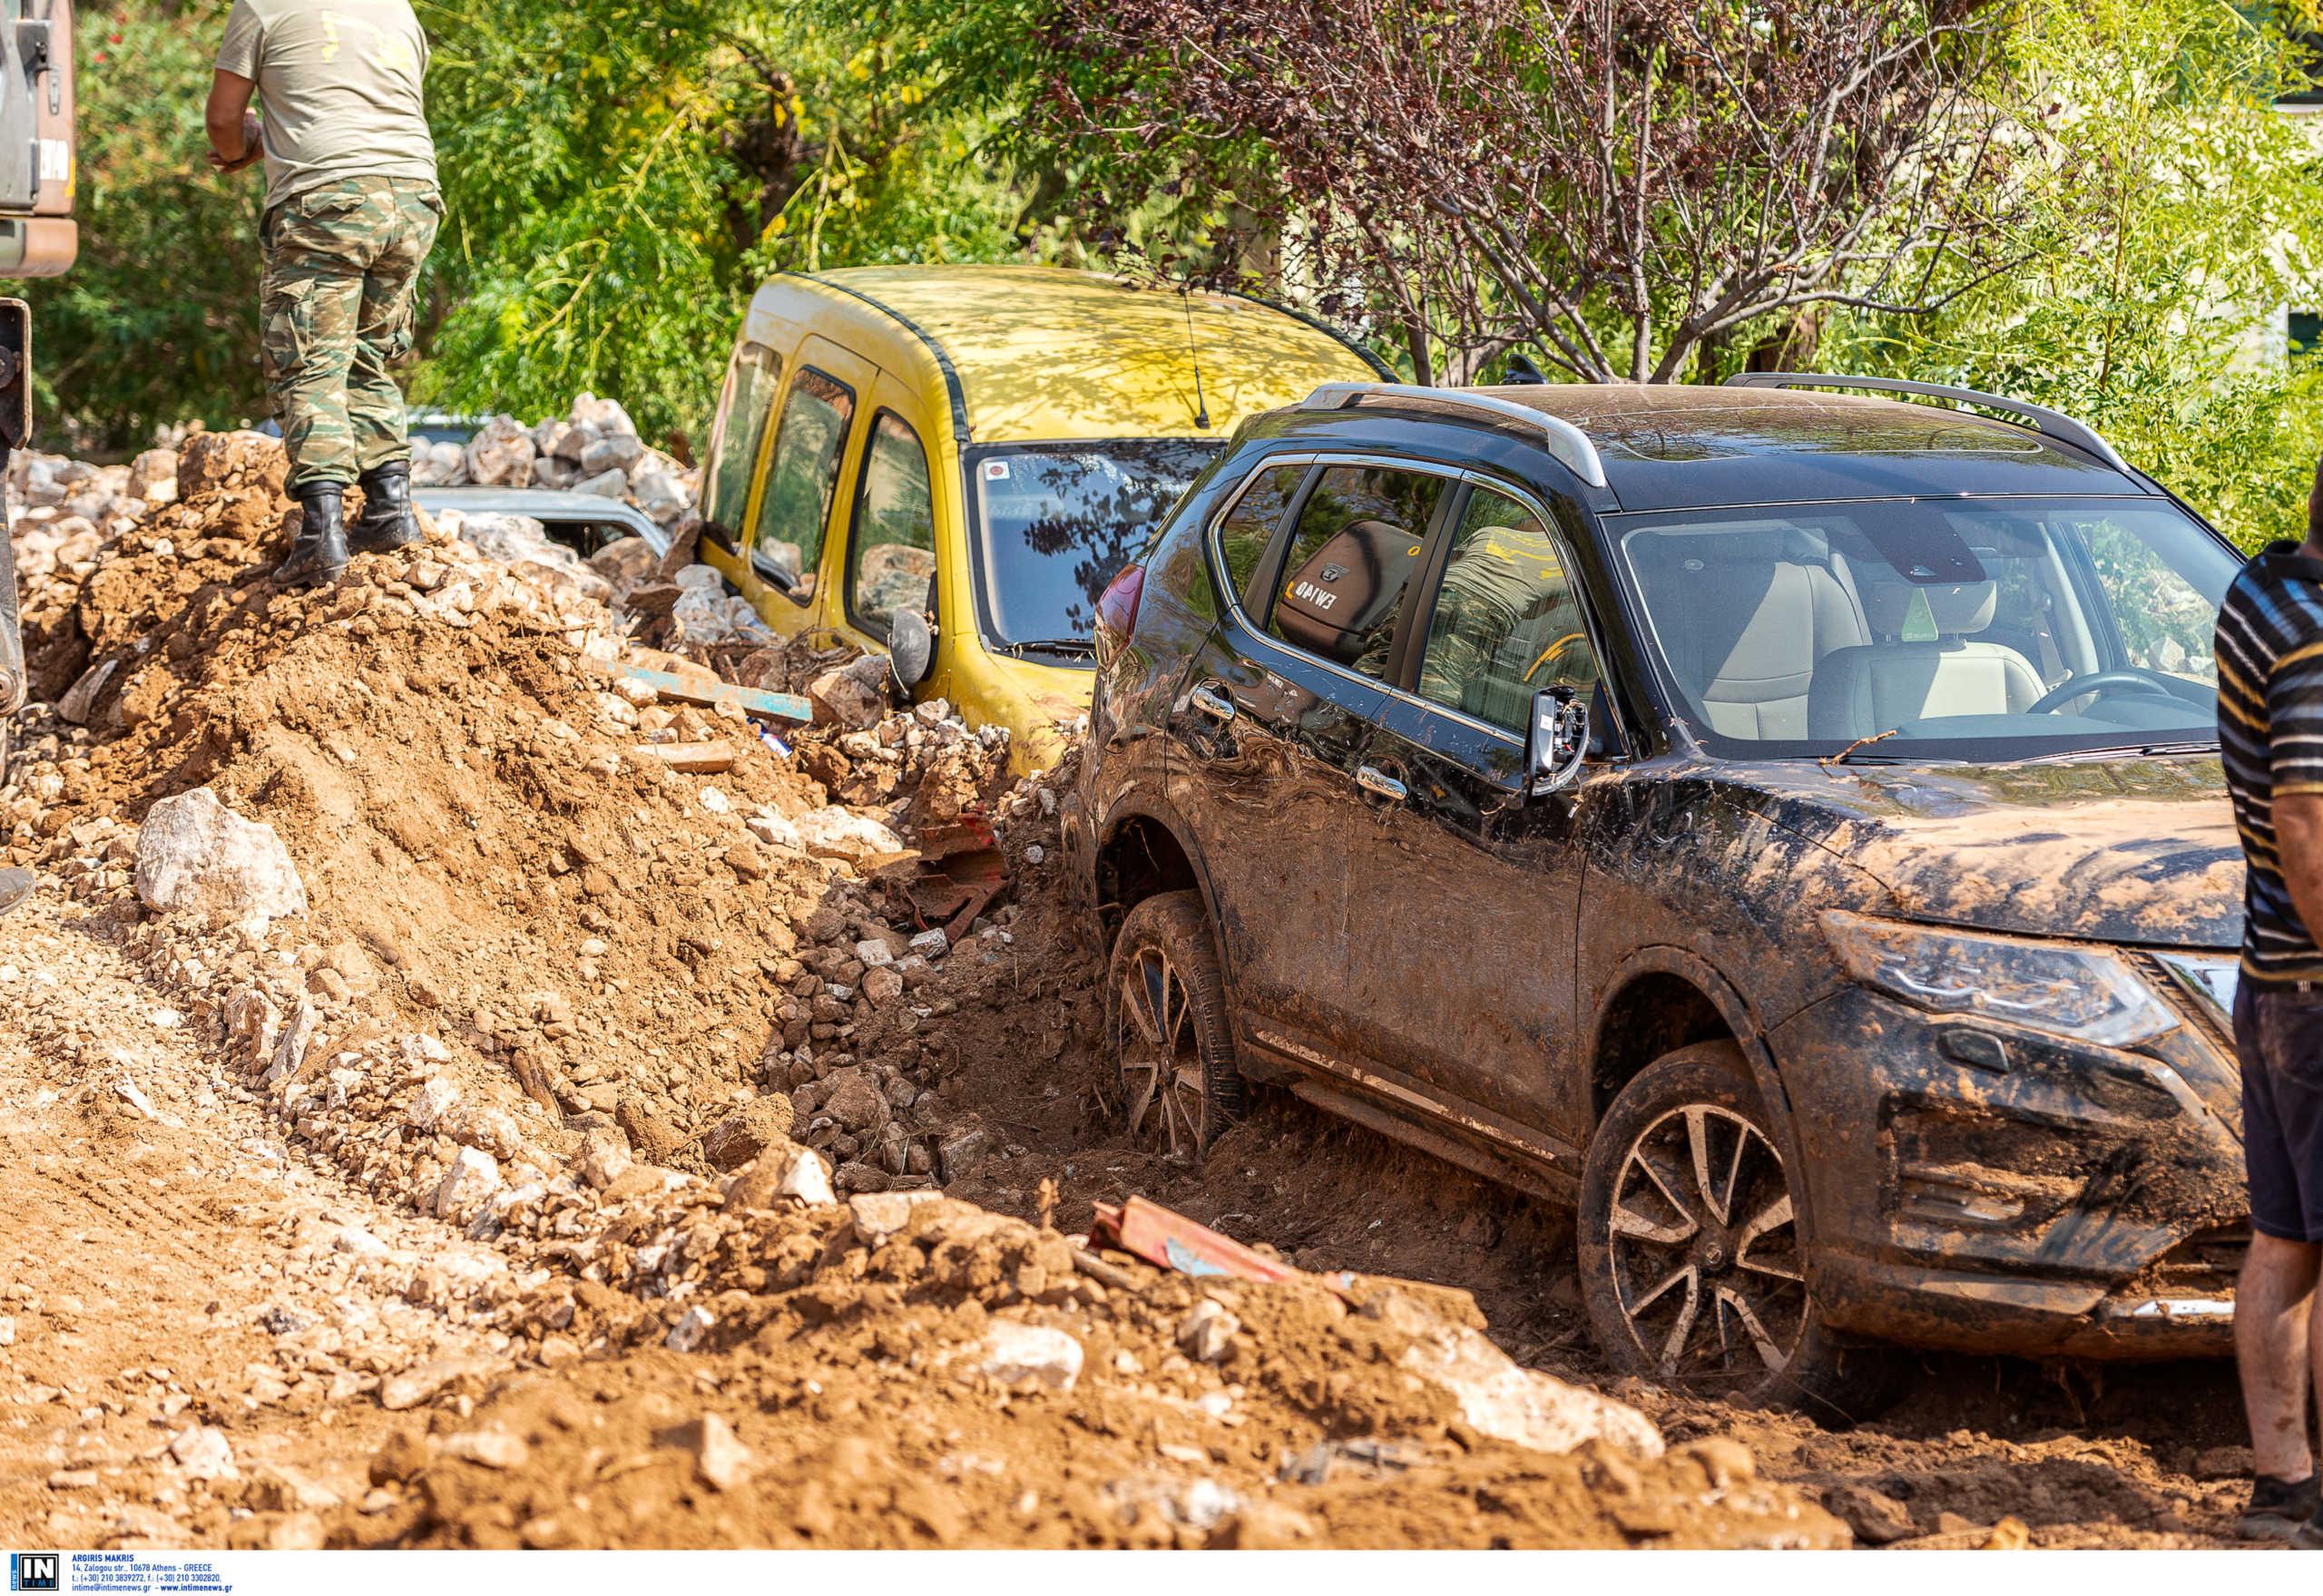 Ασφαλιστικές εταιρείες: Ξεπέρασαν τα 30 εκατ. ευρώ οι ζημιές από τον «Ιανό»